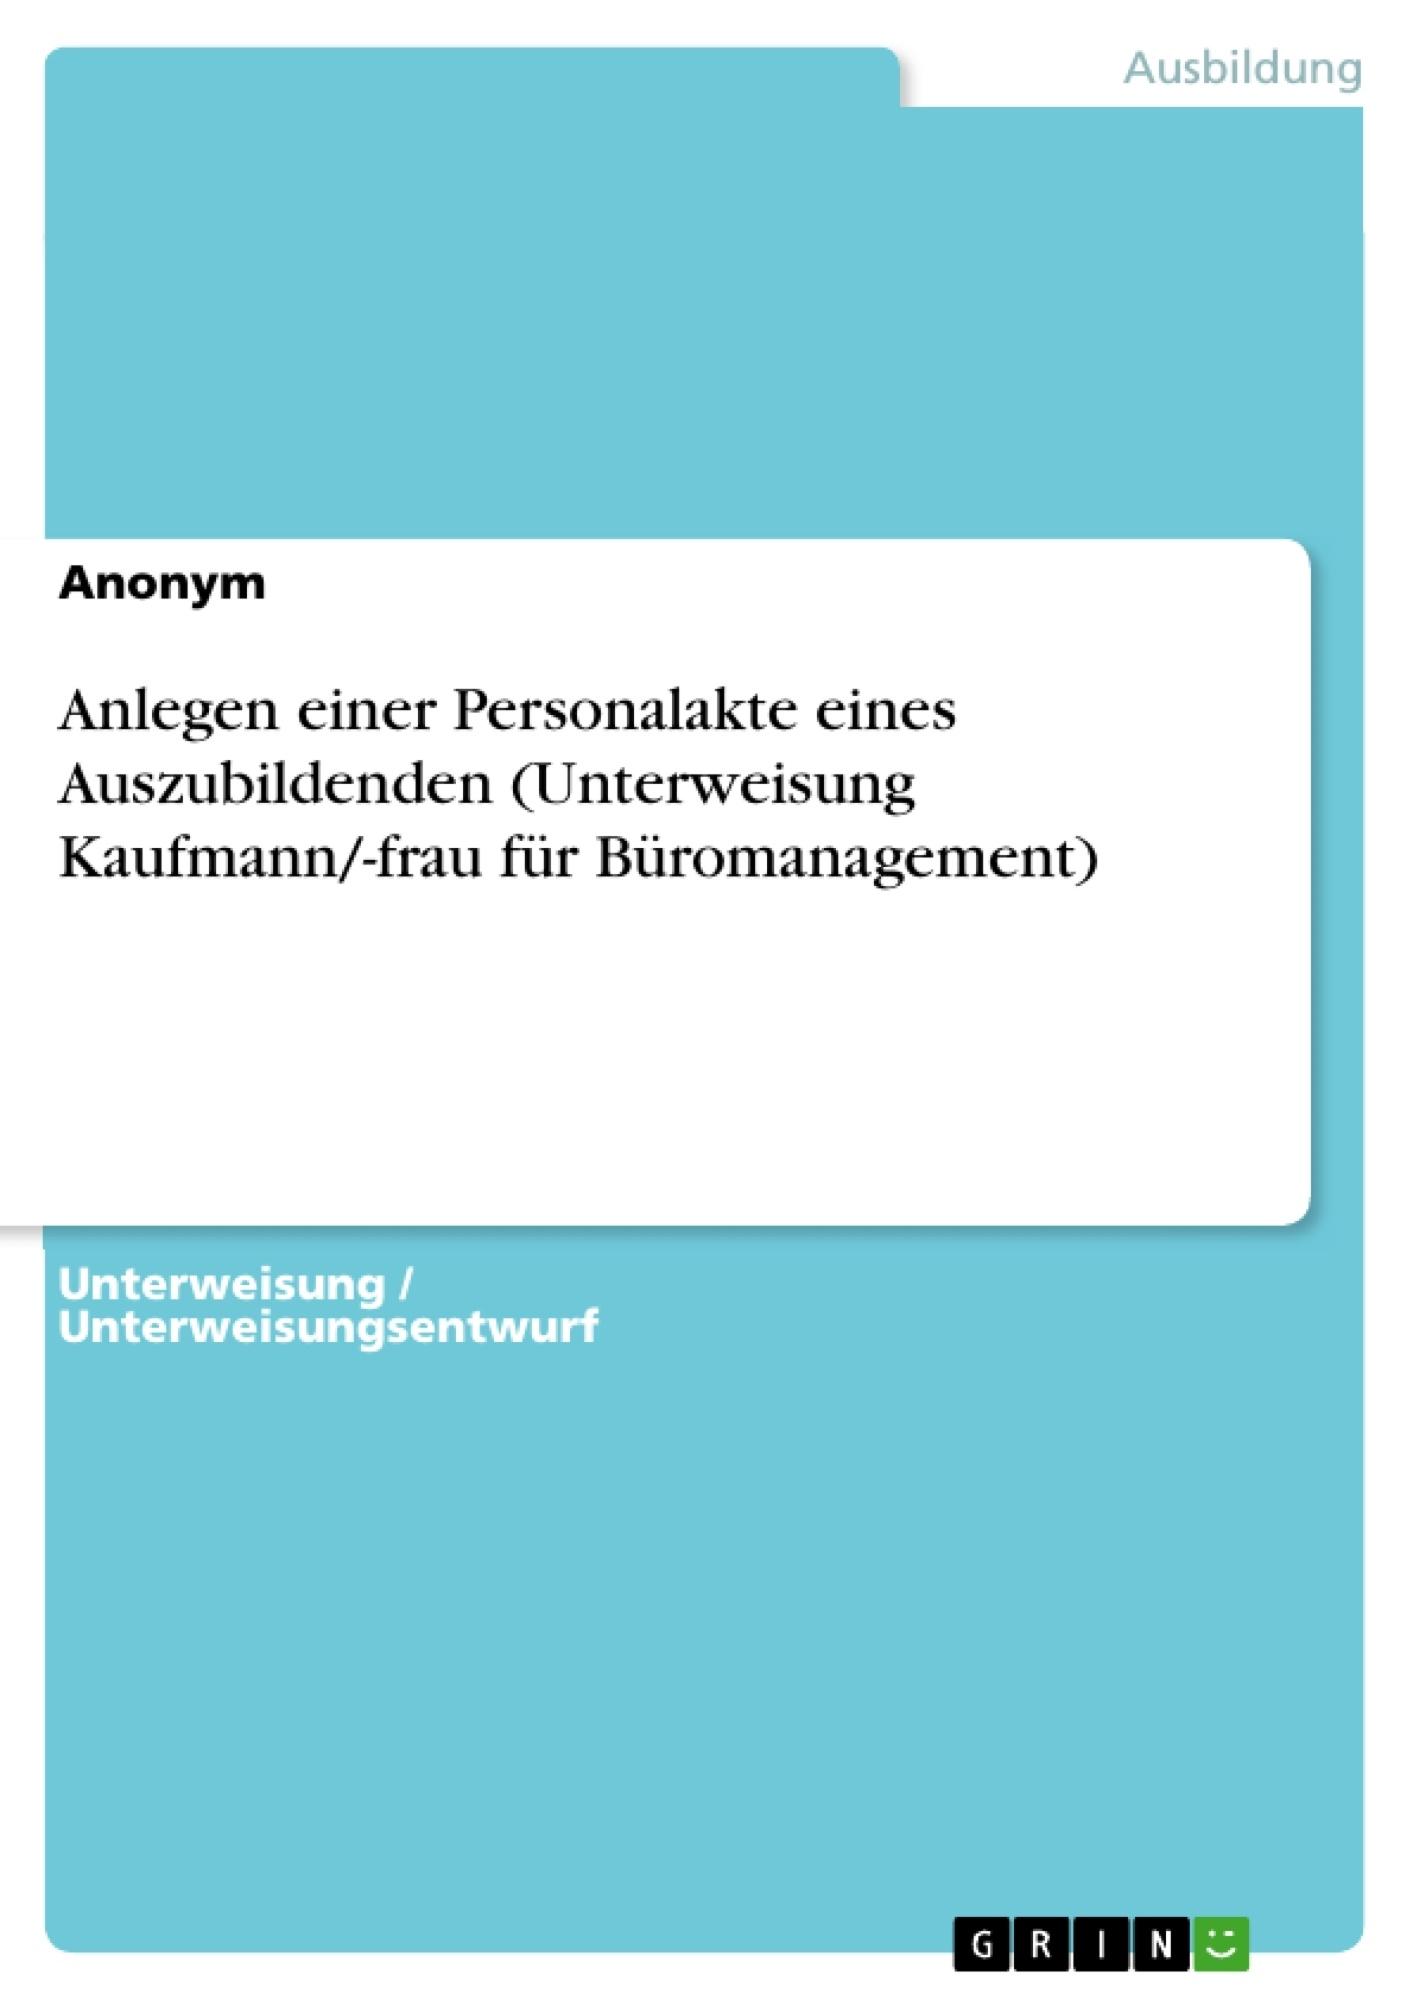 Titel: Anlegen einer Personalakte eines Auszubildenden (Unterweisung Kaufmann/-frau für Büromanagement)